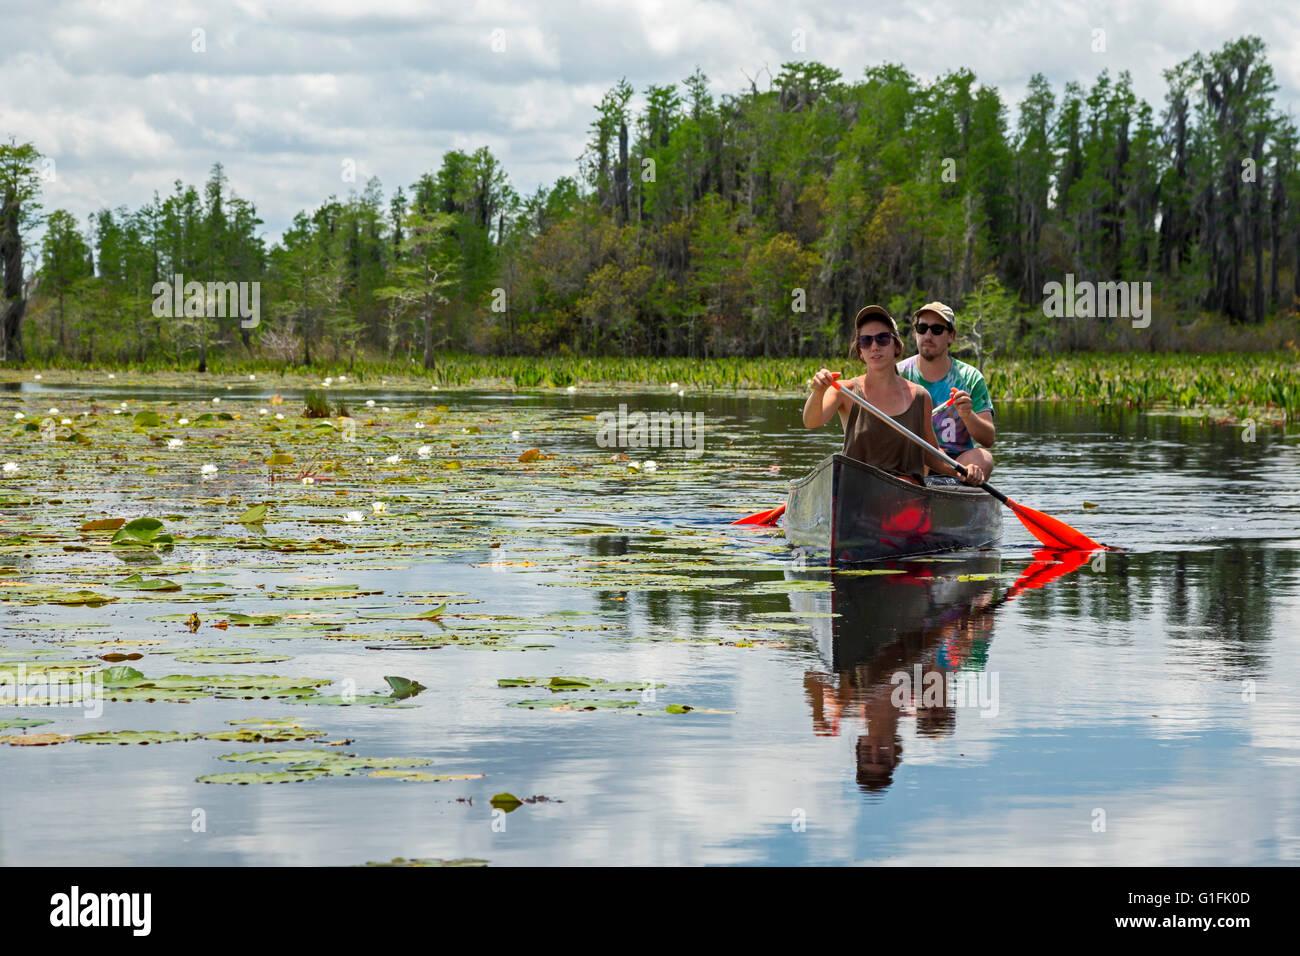 Folkston, Georgia - Persone in canoa il Okefenokee National Wildlife Refuge. Immagini Stock